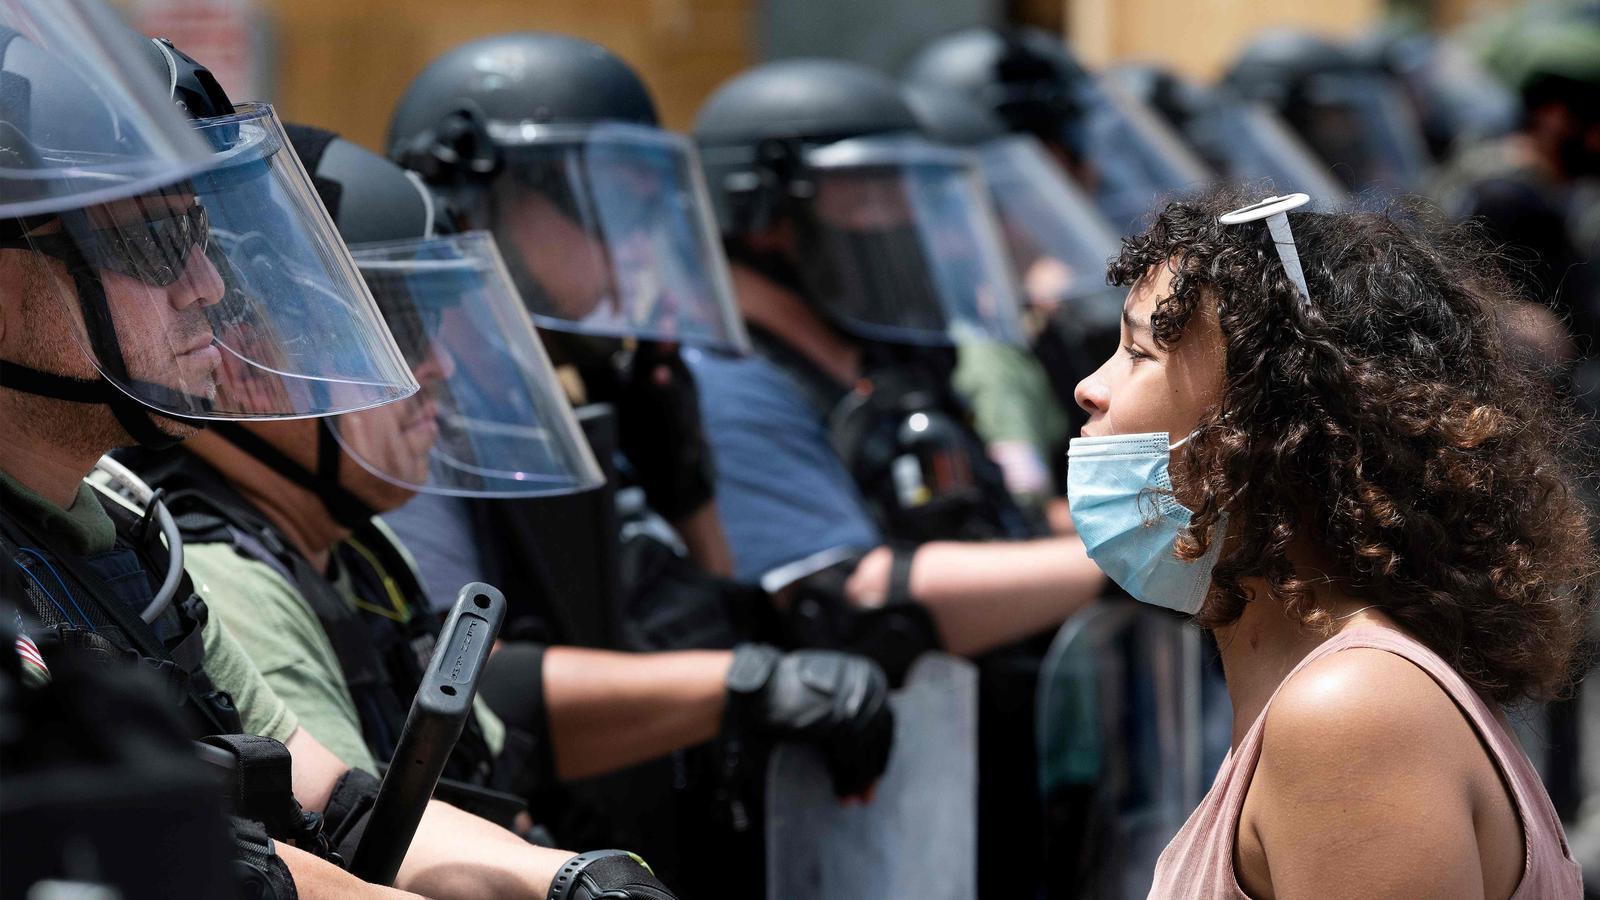 Una manifestant davant de desenes d'agents desplegats davant de la Casa Blanca, a Washington